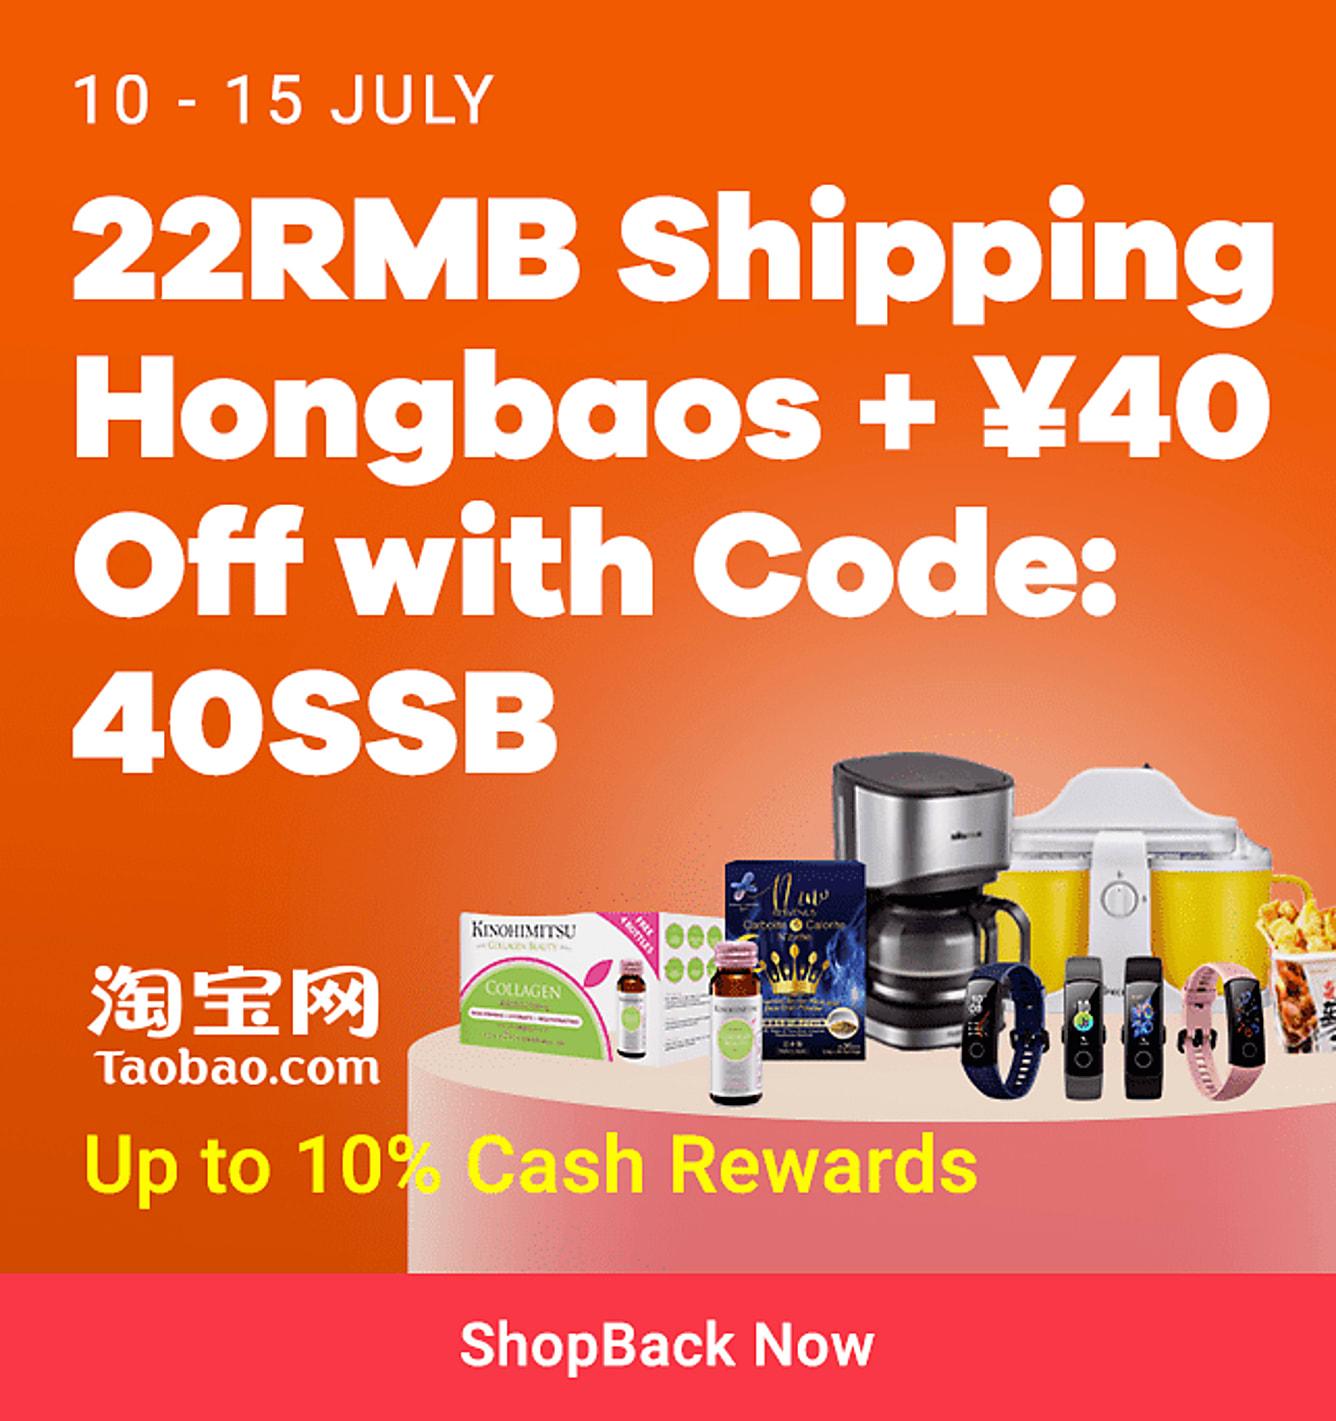 Taobao_Onsite_10 Jul-15 Jul 2020